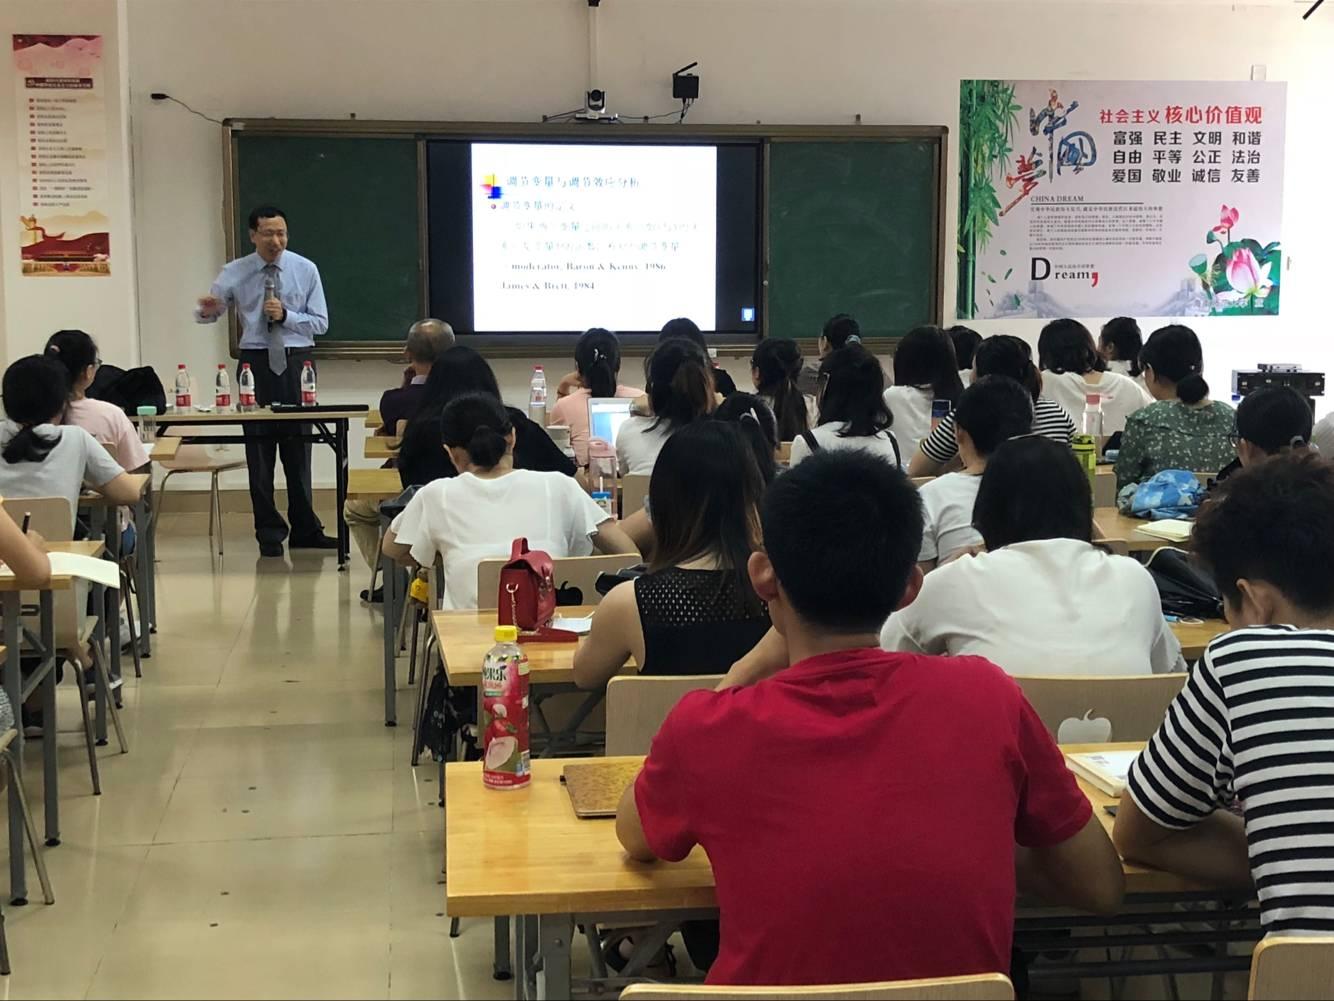 华南师范大学博士生导师温忠麟教授来大庆冠通棋牌游戏世界外挂讲学